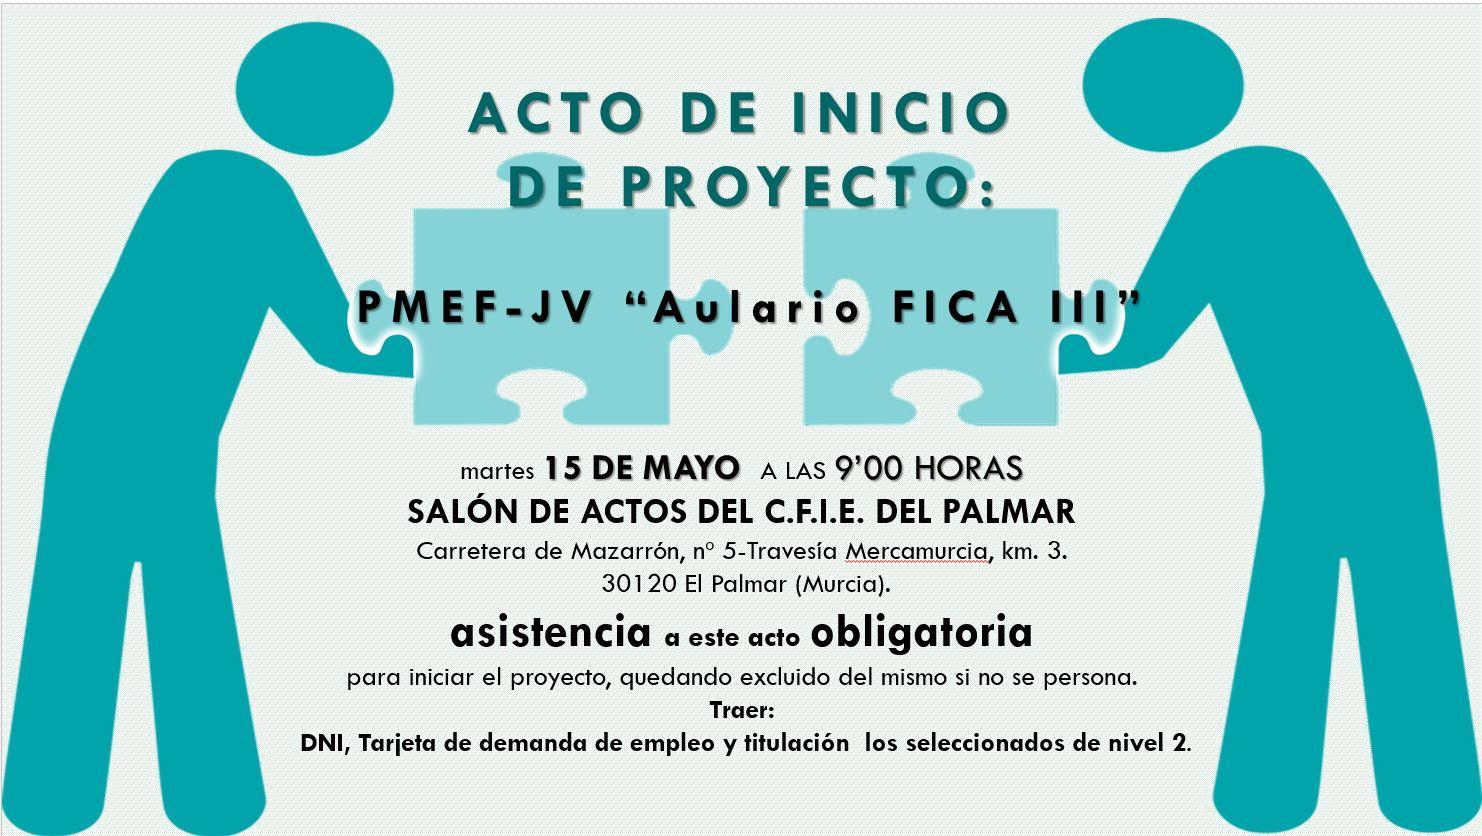 INICIO PROGRAMA MIXTO DE EMPLEO Y FORMACIÓN PARA JÓVENES (PMEF-JV)